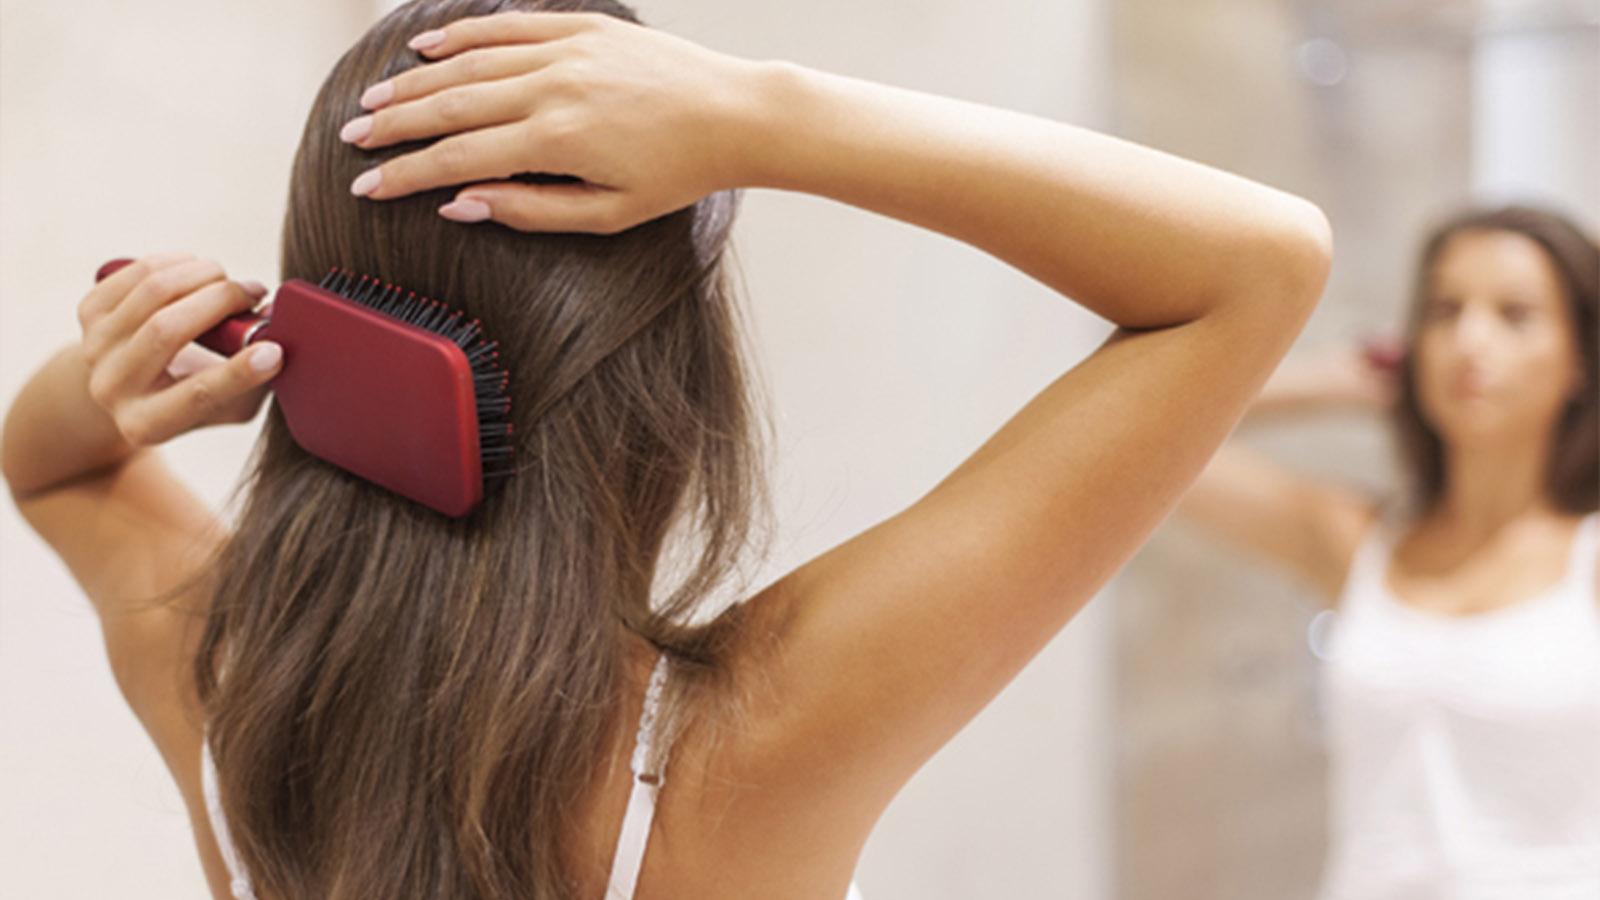 ダイエット中の抜け毛が増える3つの原因!改善におすすめの5つの方法を紹介◎